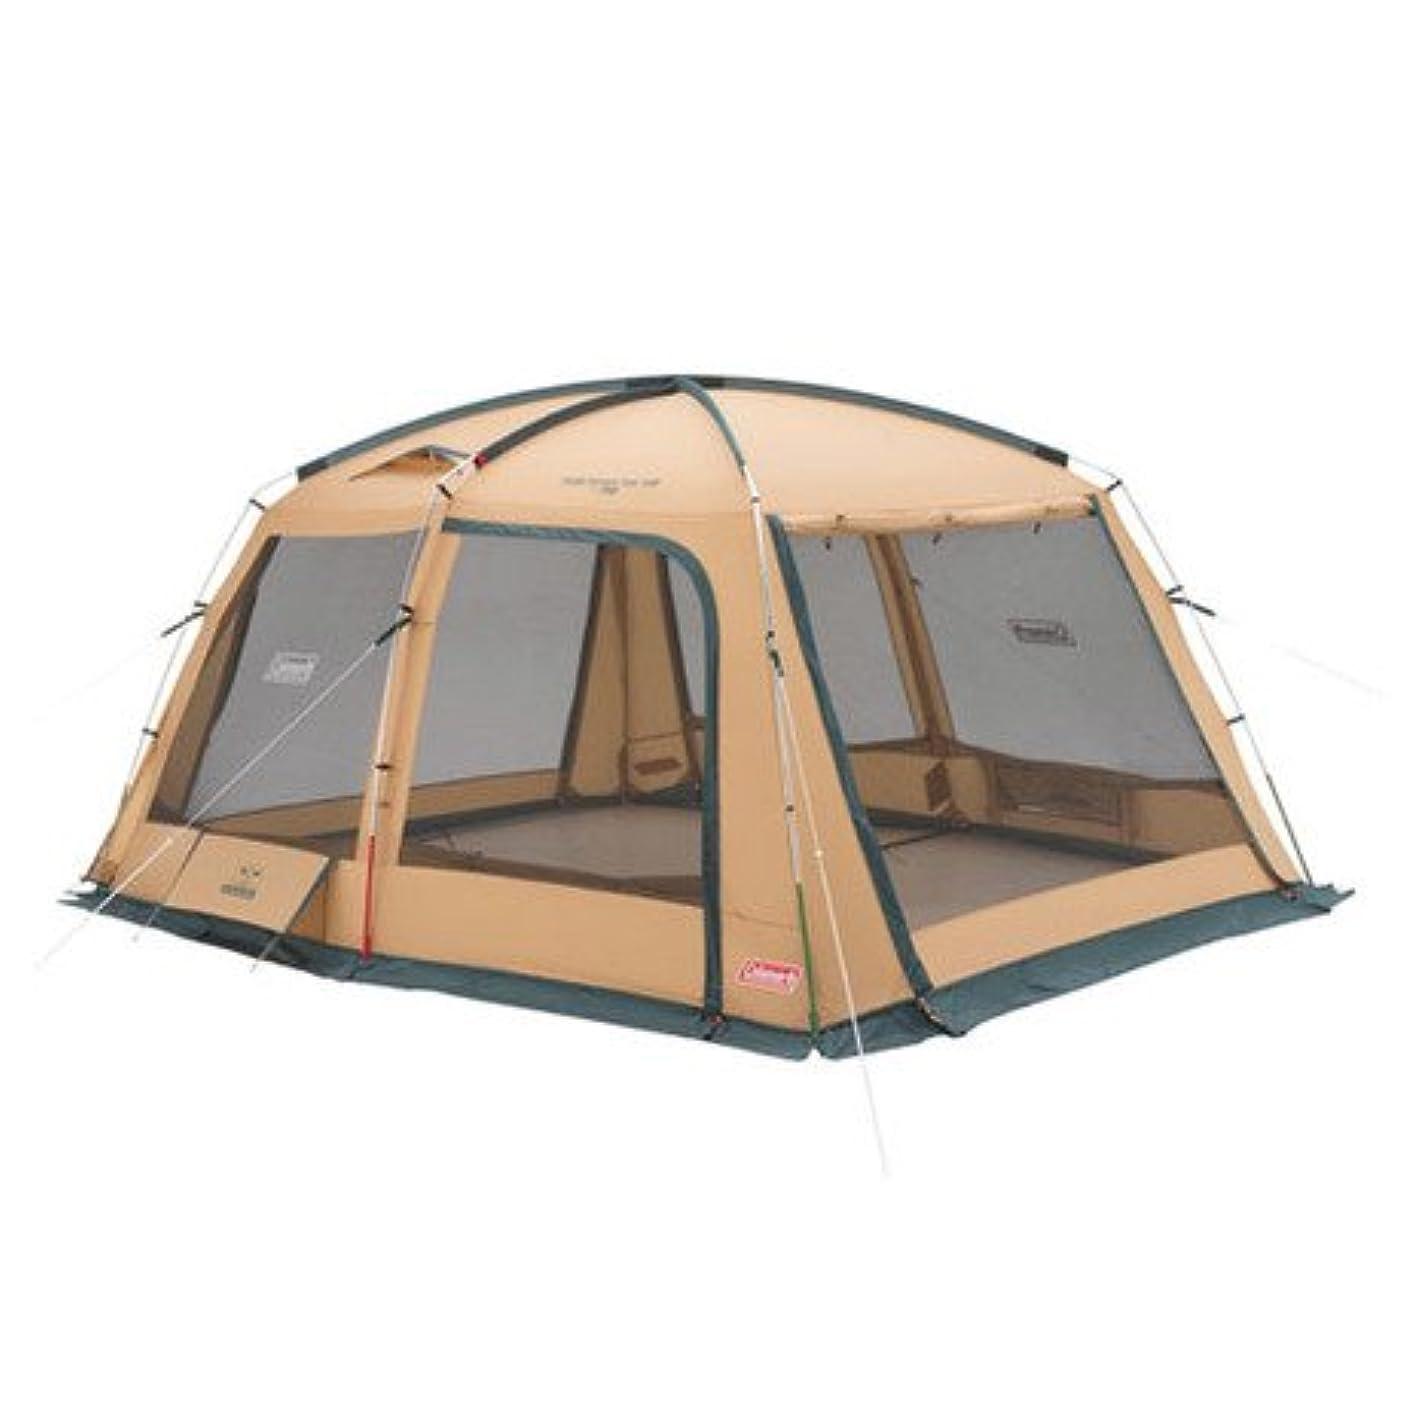 見捨てる討論構成コールマン(コールマン) タフスクリーンタープ 400 2000031577 キャンプ用品 タープ